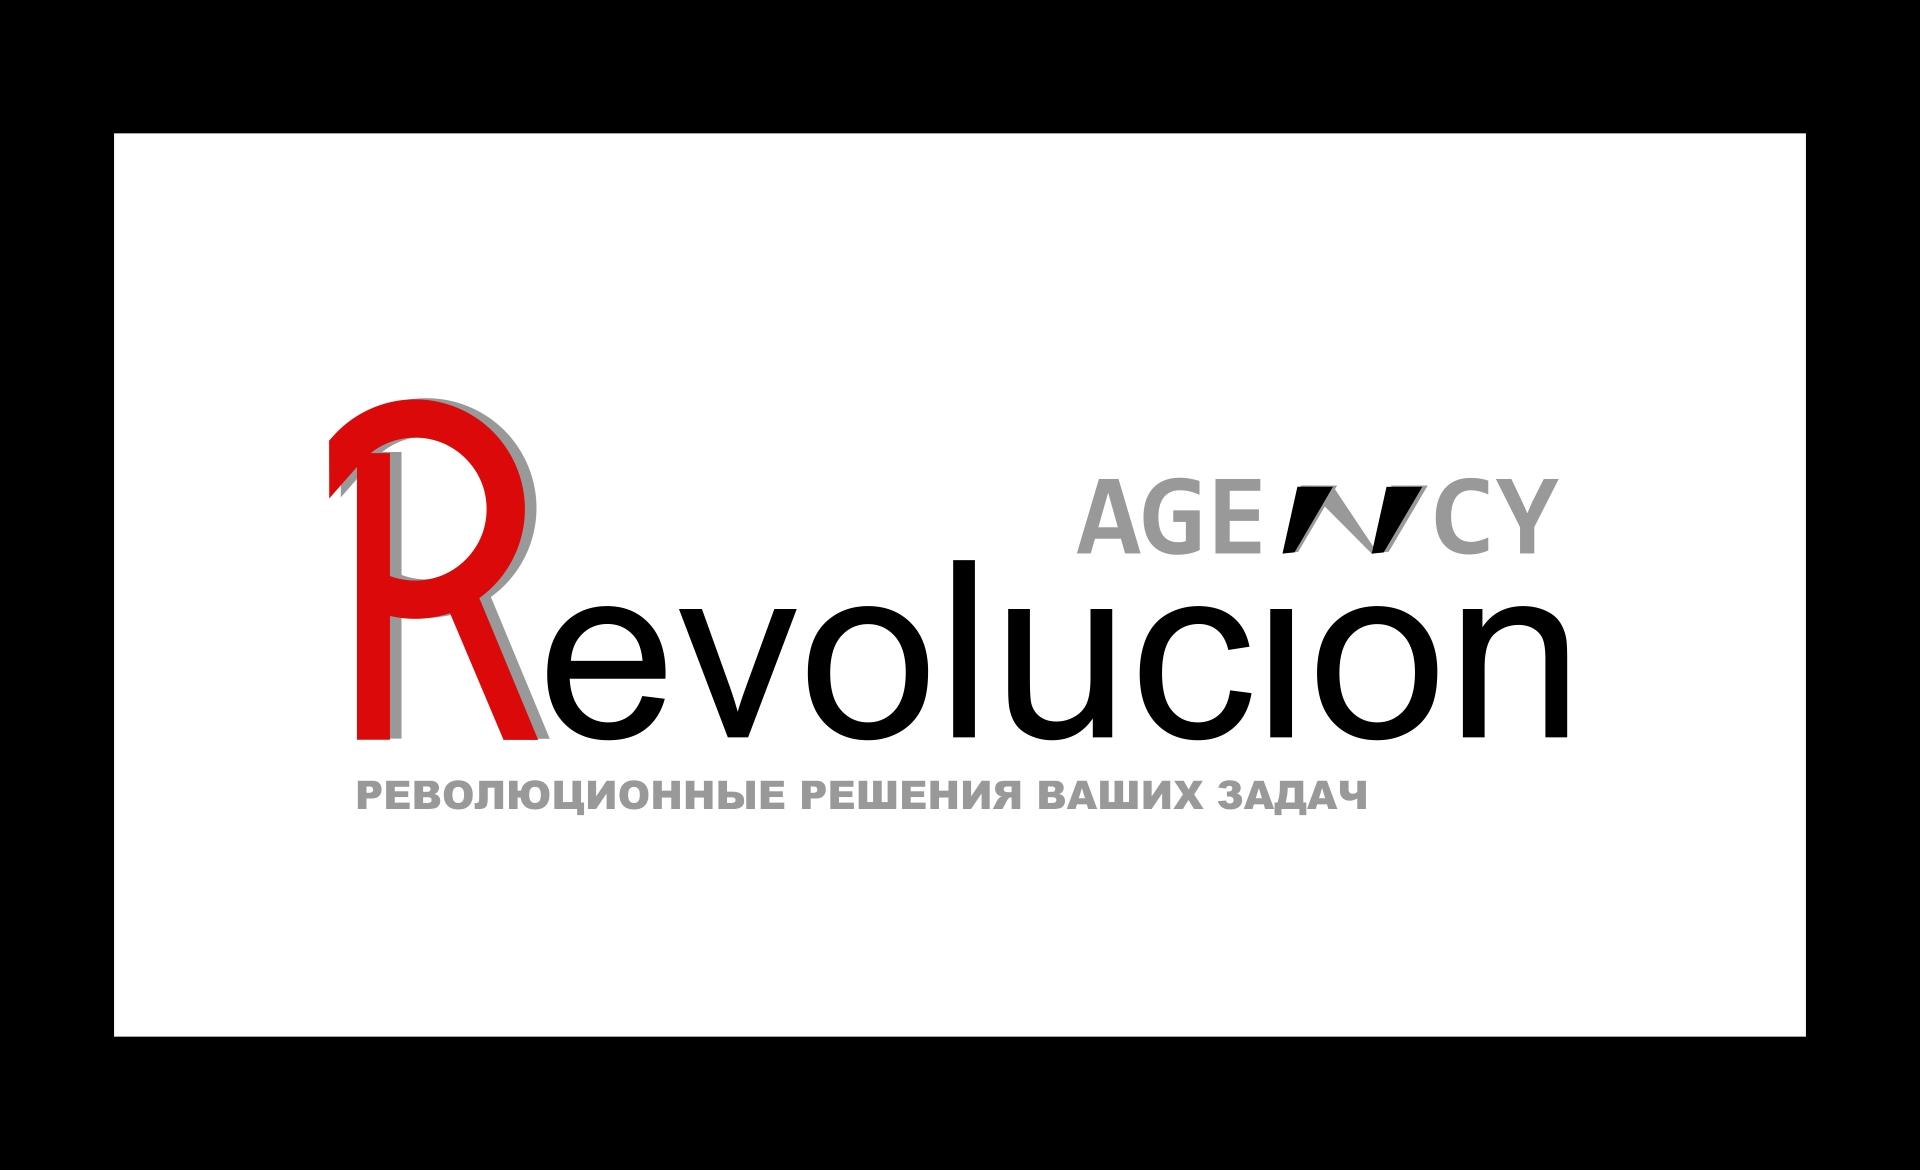 Разработка логотипа и фир. стиля агенству Revolución фото f_4fb8e9f2656ef.jpg